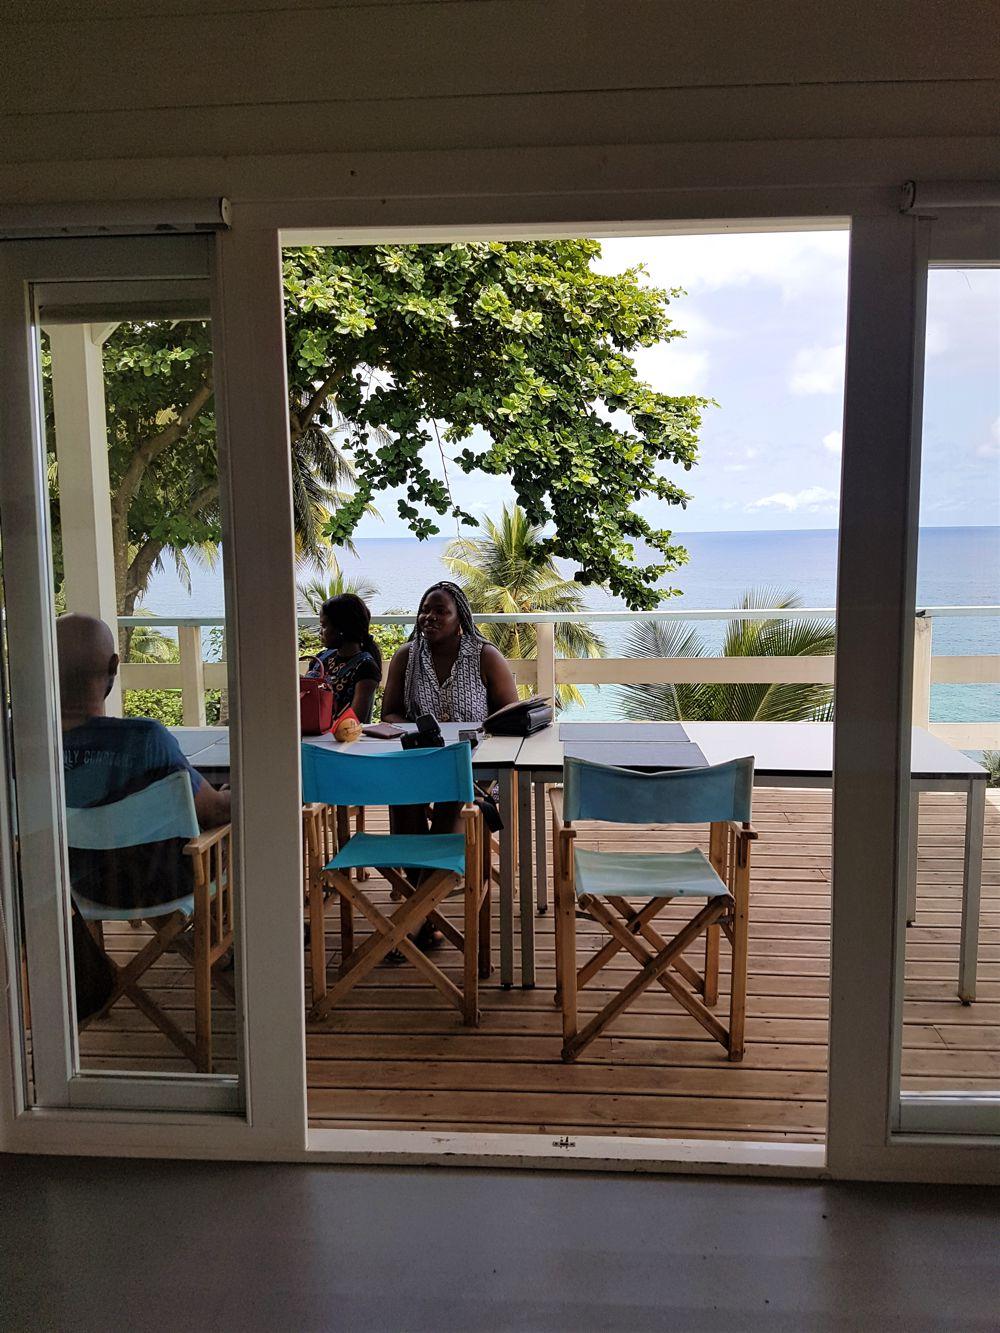 Pestana Hotel Sao Tome